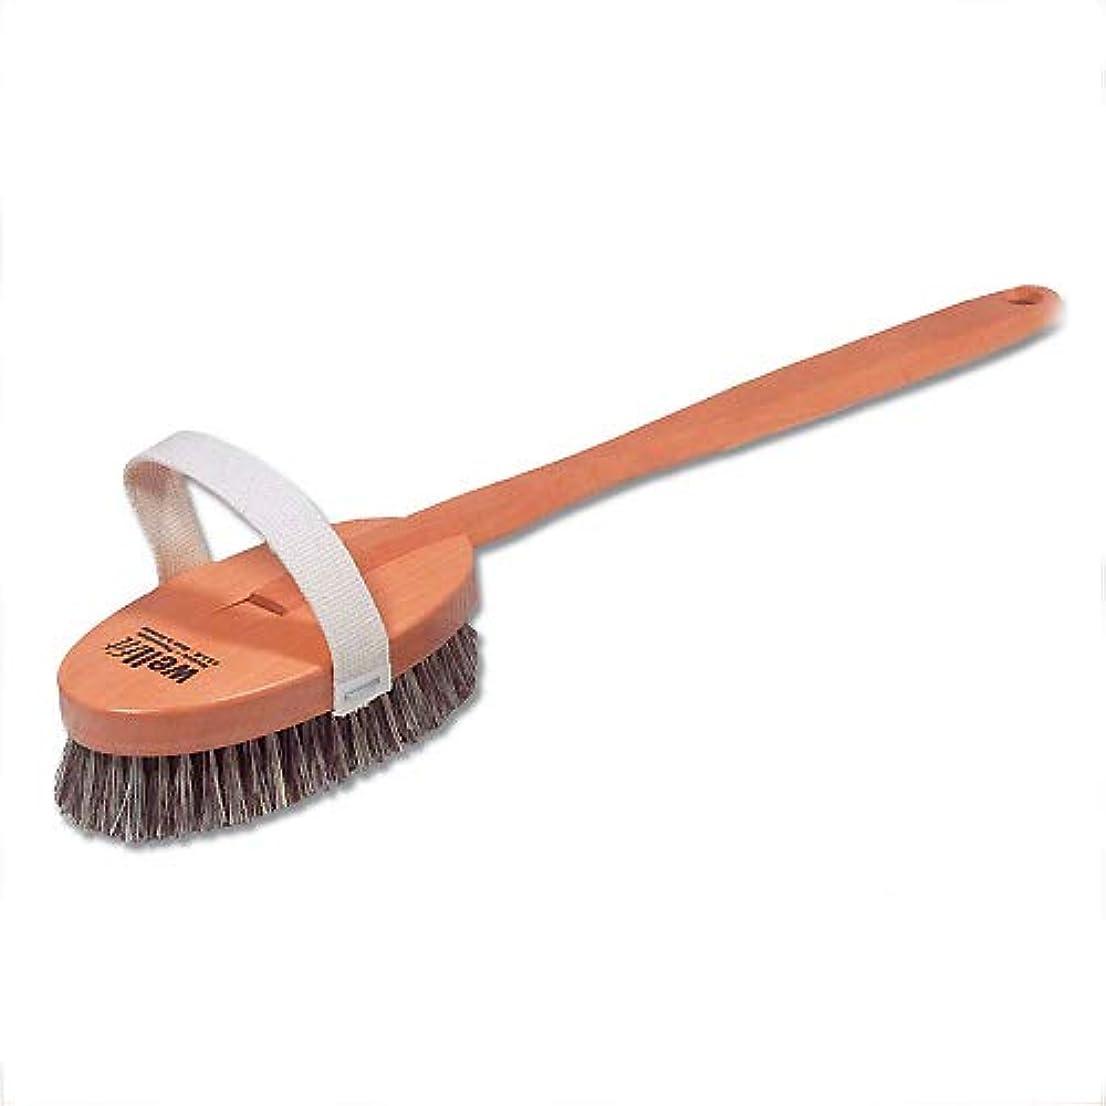 マンモス聡明ドローRedecker レデッカー ボディブラシ(ミディアムハード 馬毛と植物毛の混毛植毛) 正規品